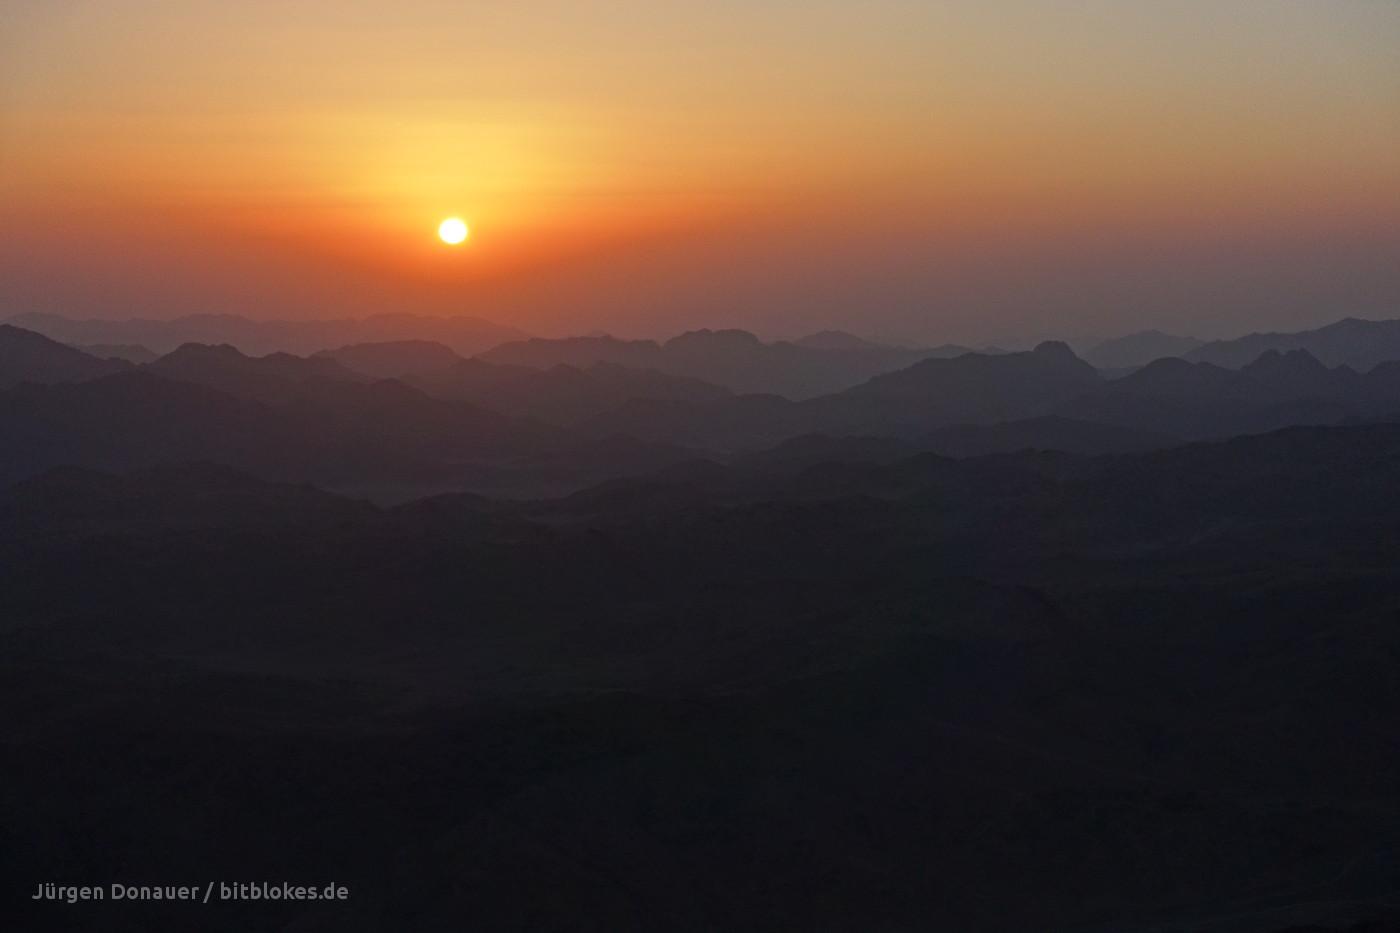 Sunrise Mount Sinai (foto by: Juergen Donauer / bitblokes.de)